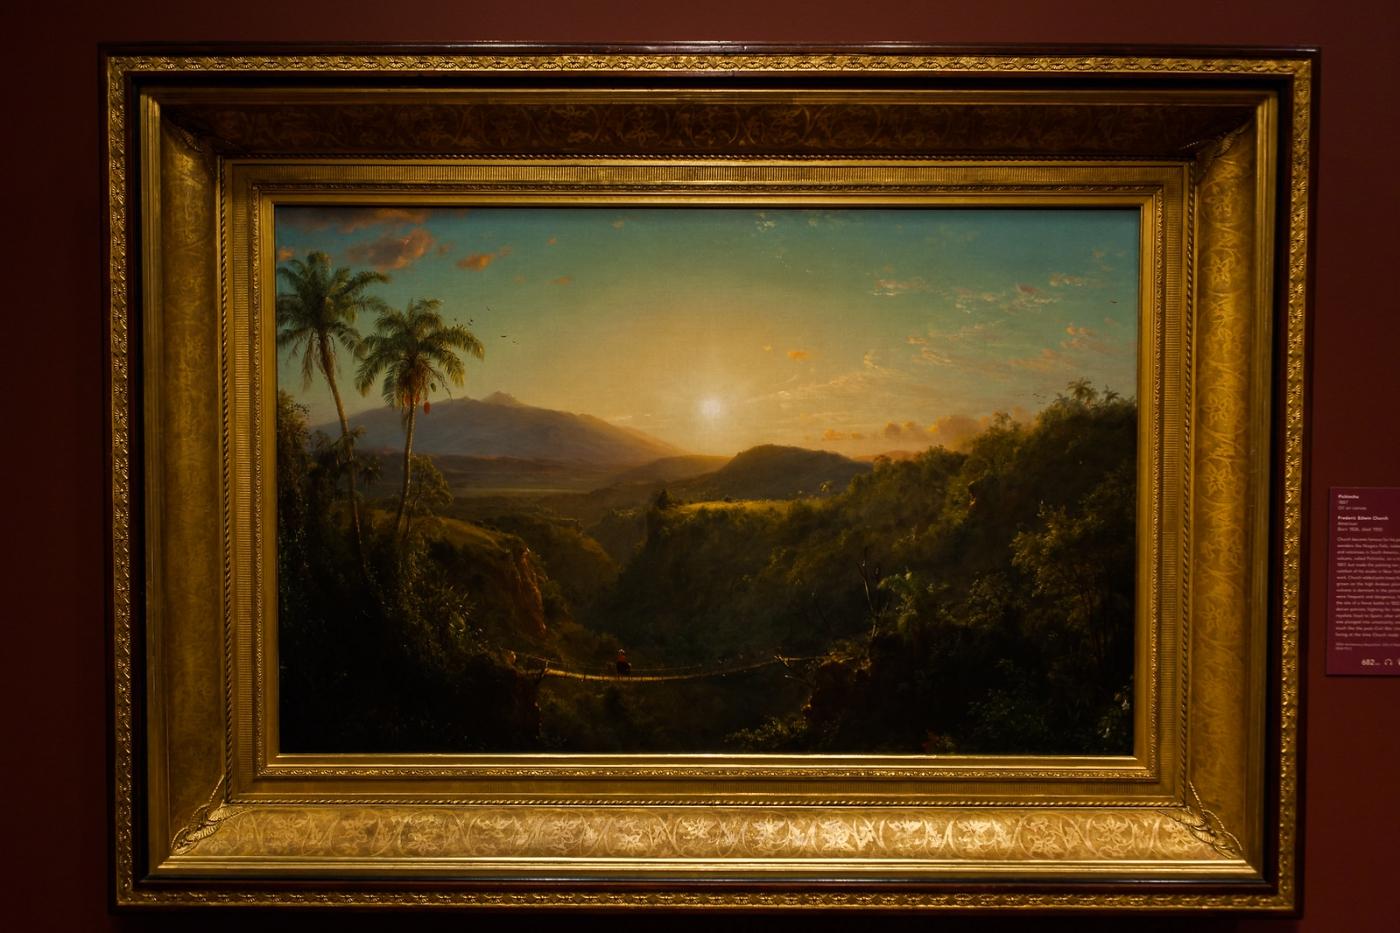 费城艺术馆,那些馆藏稀世油画_图1-10